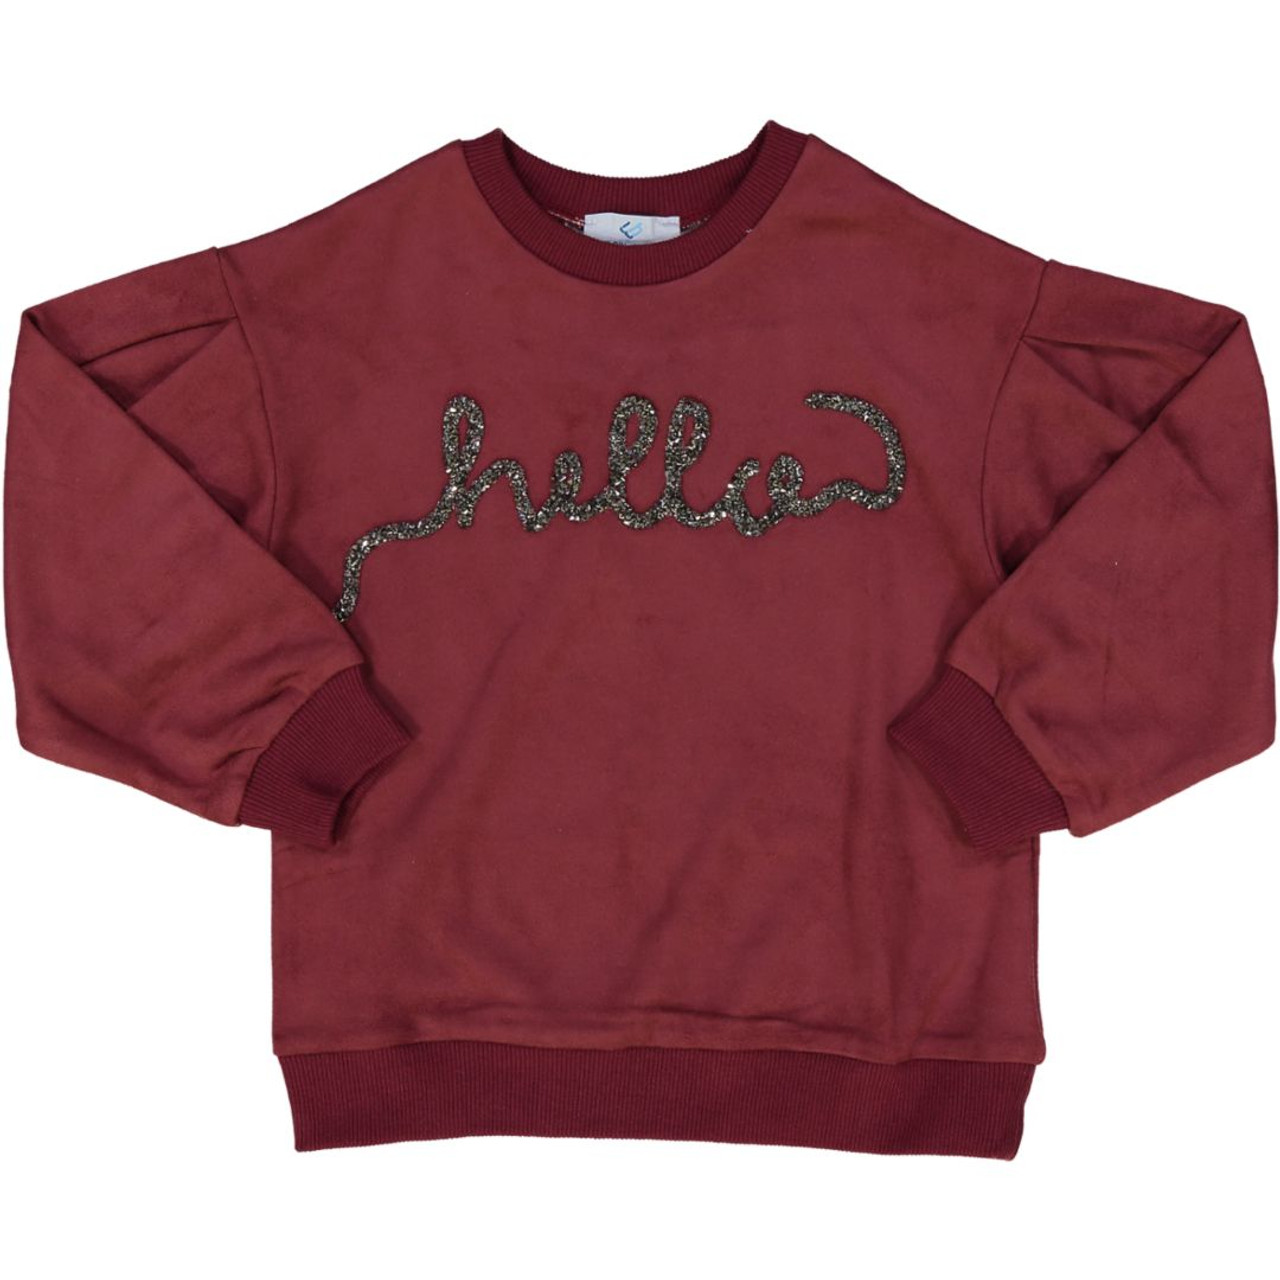 Whitlow & Hawkins Girls Suede Sweatshirt - WHF198007